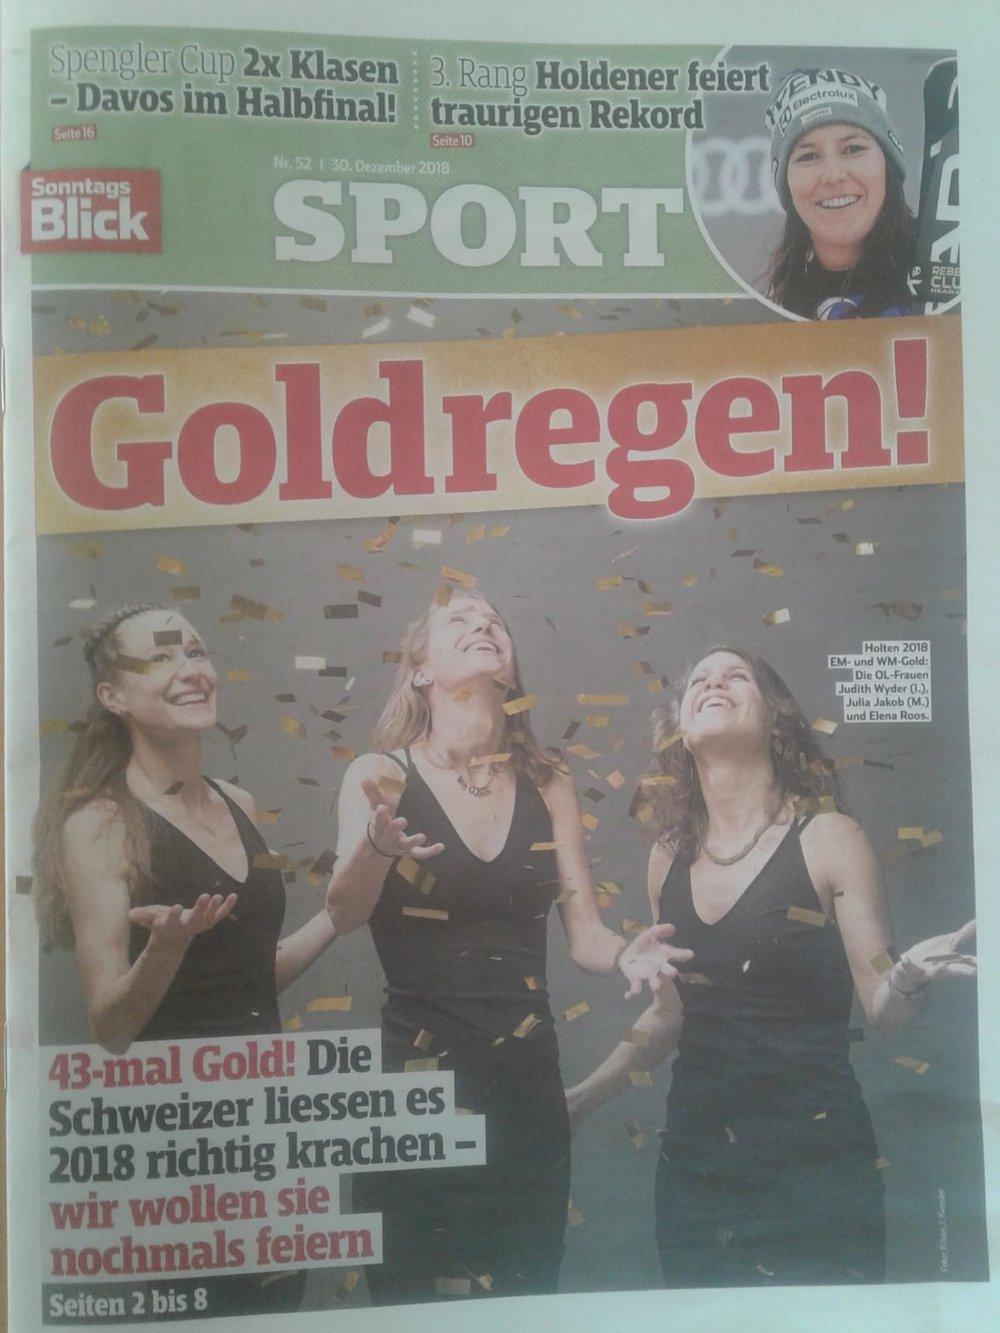 Copertina del Sonntags Blick di oggi¨:-)